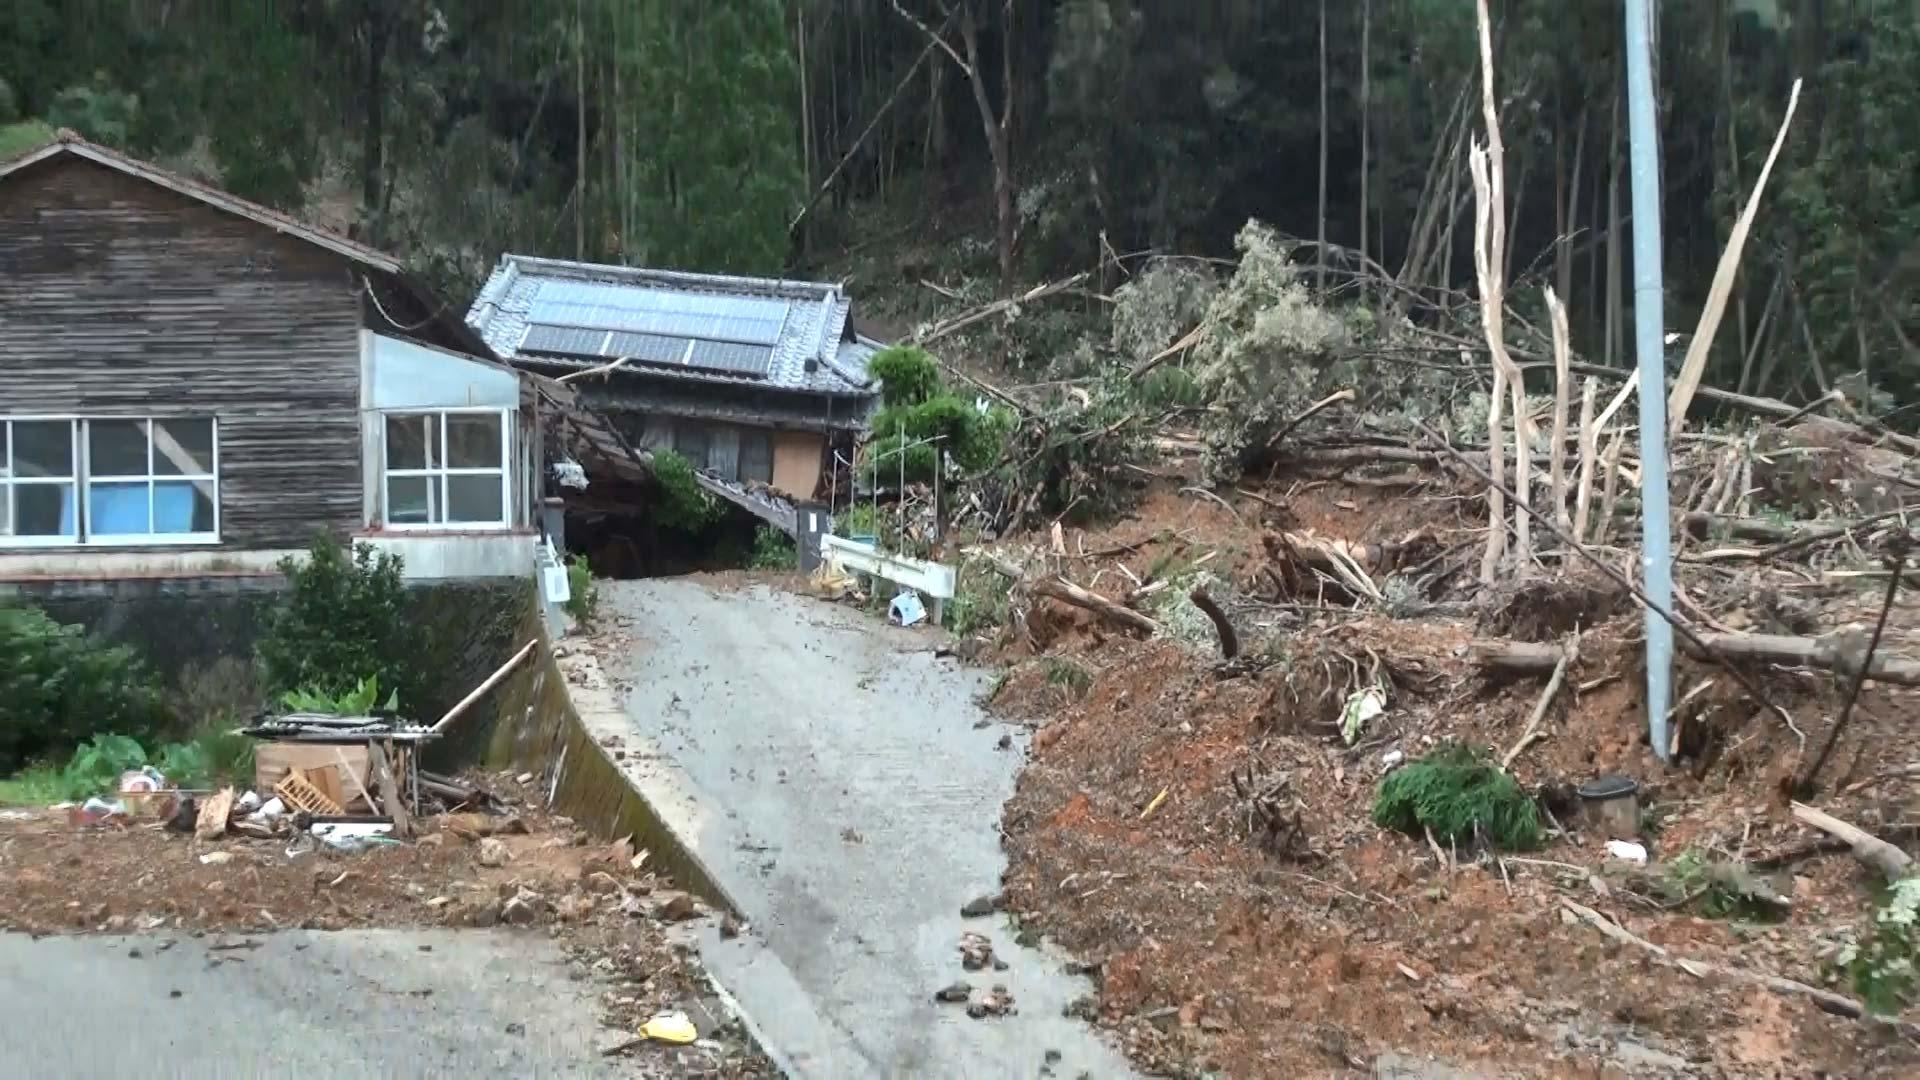 芦北町の土砂災害現場。2人の尊い命が失われた